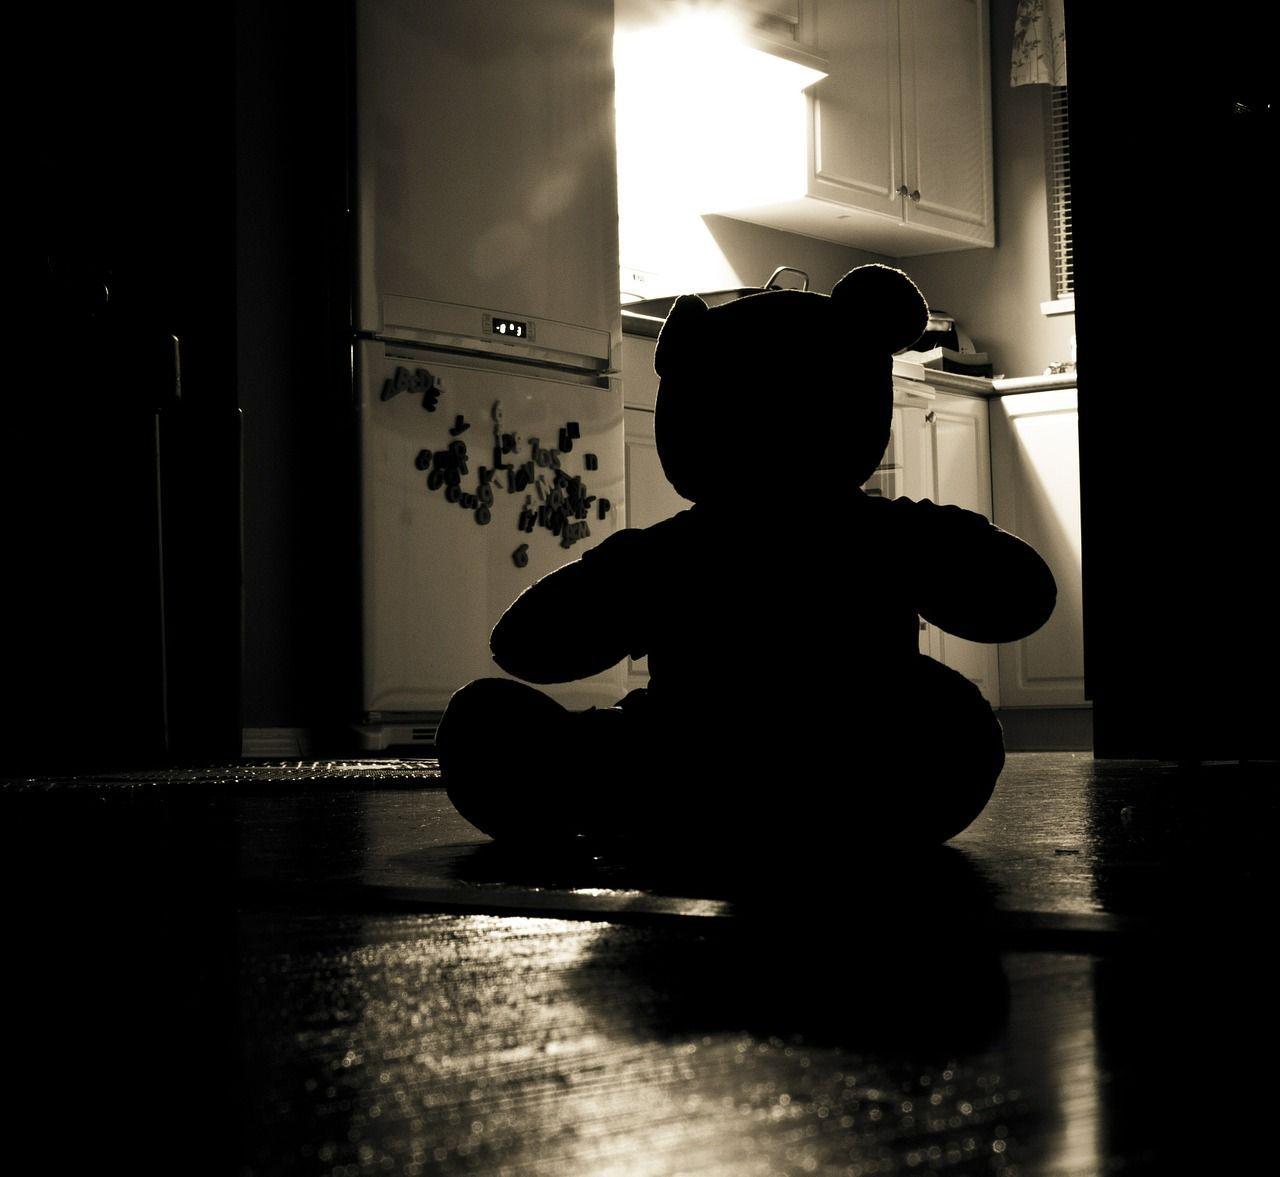 Padre abusa della figlia per 5 anni e la mette incinta: arrestato